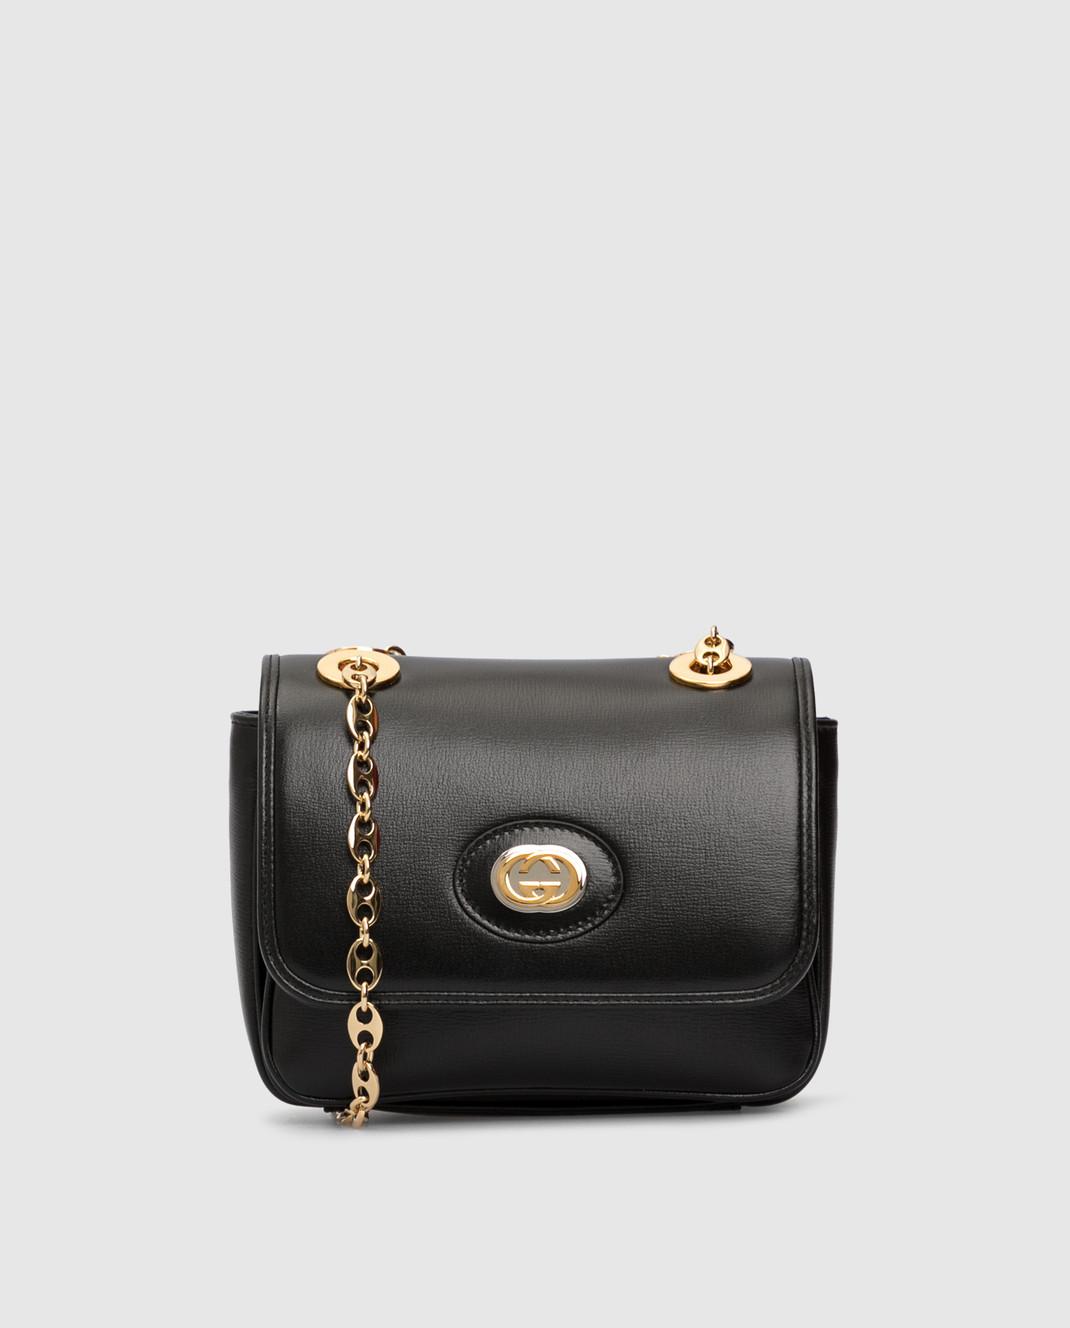 Gucci Черная кожаная сумка изображение 1